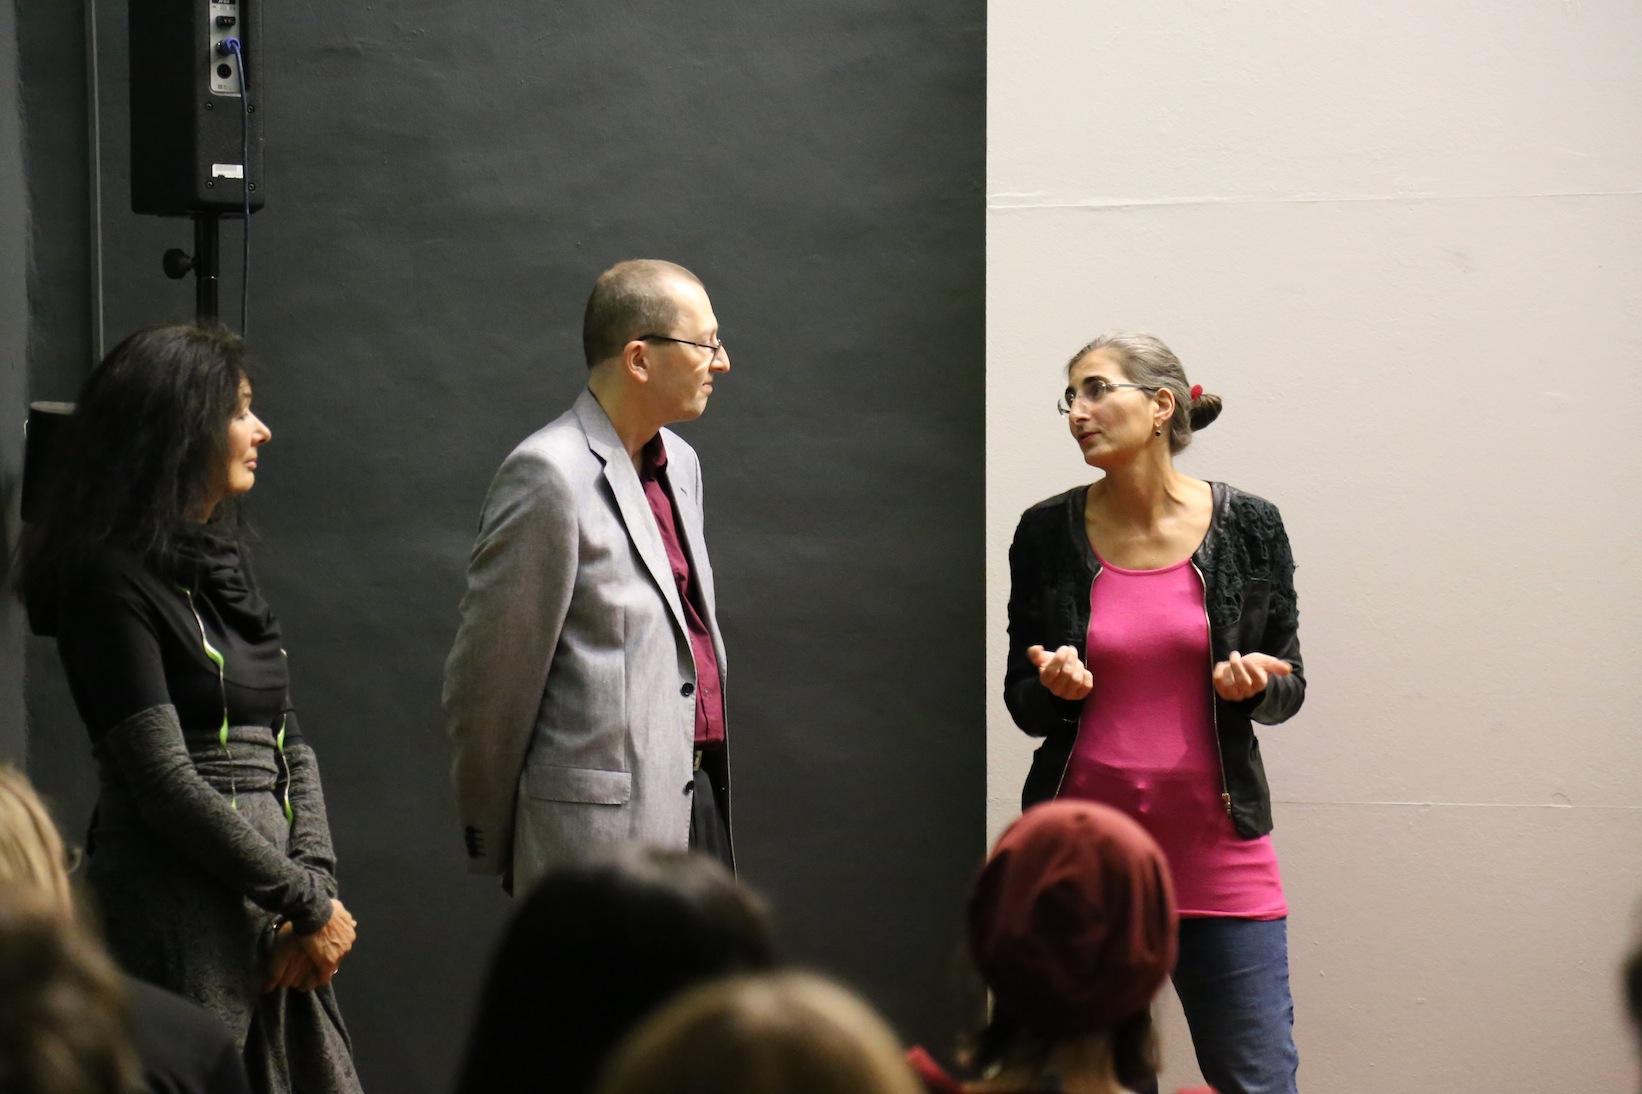 Birgit Pölzl, Daniel Mayer, Katharina Klement